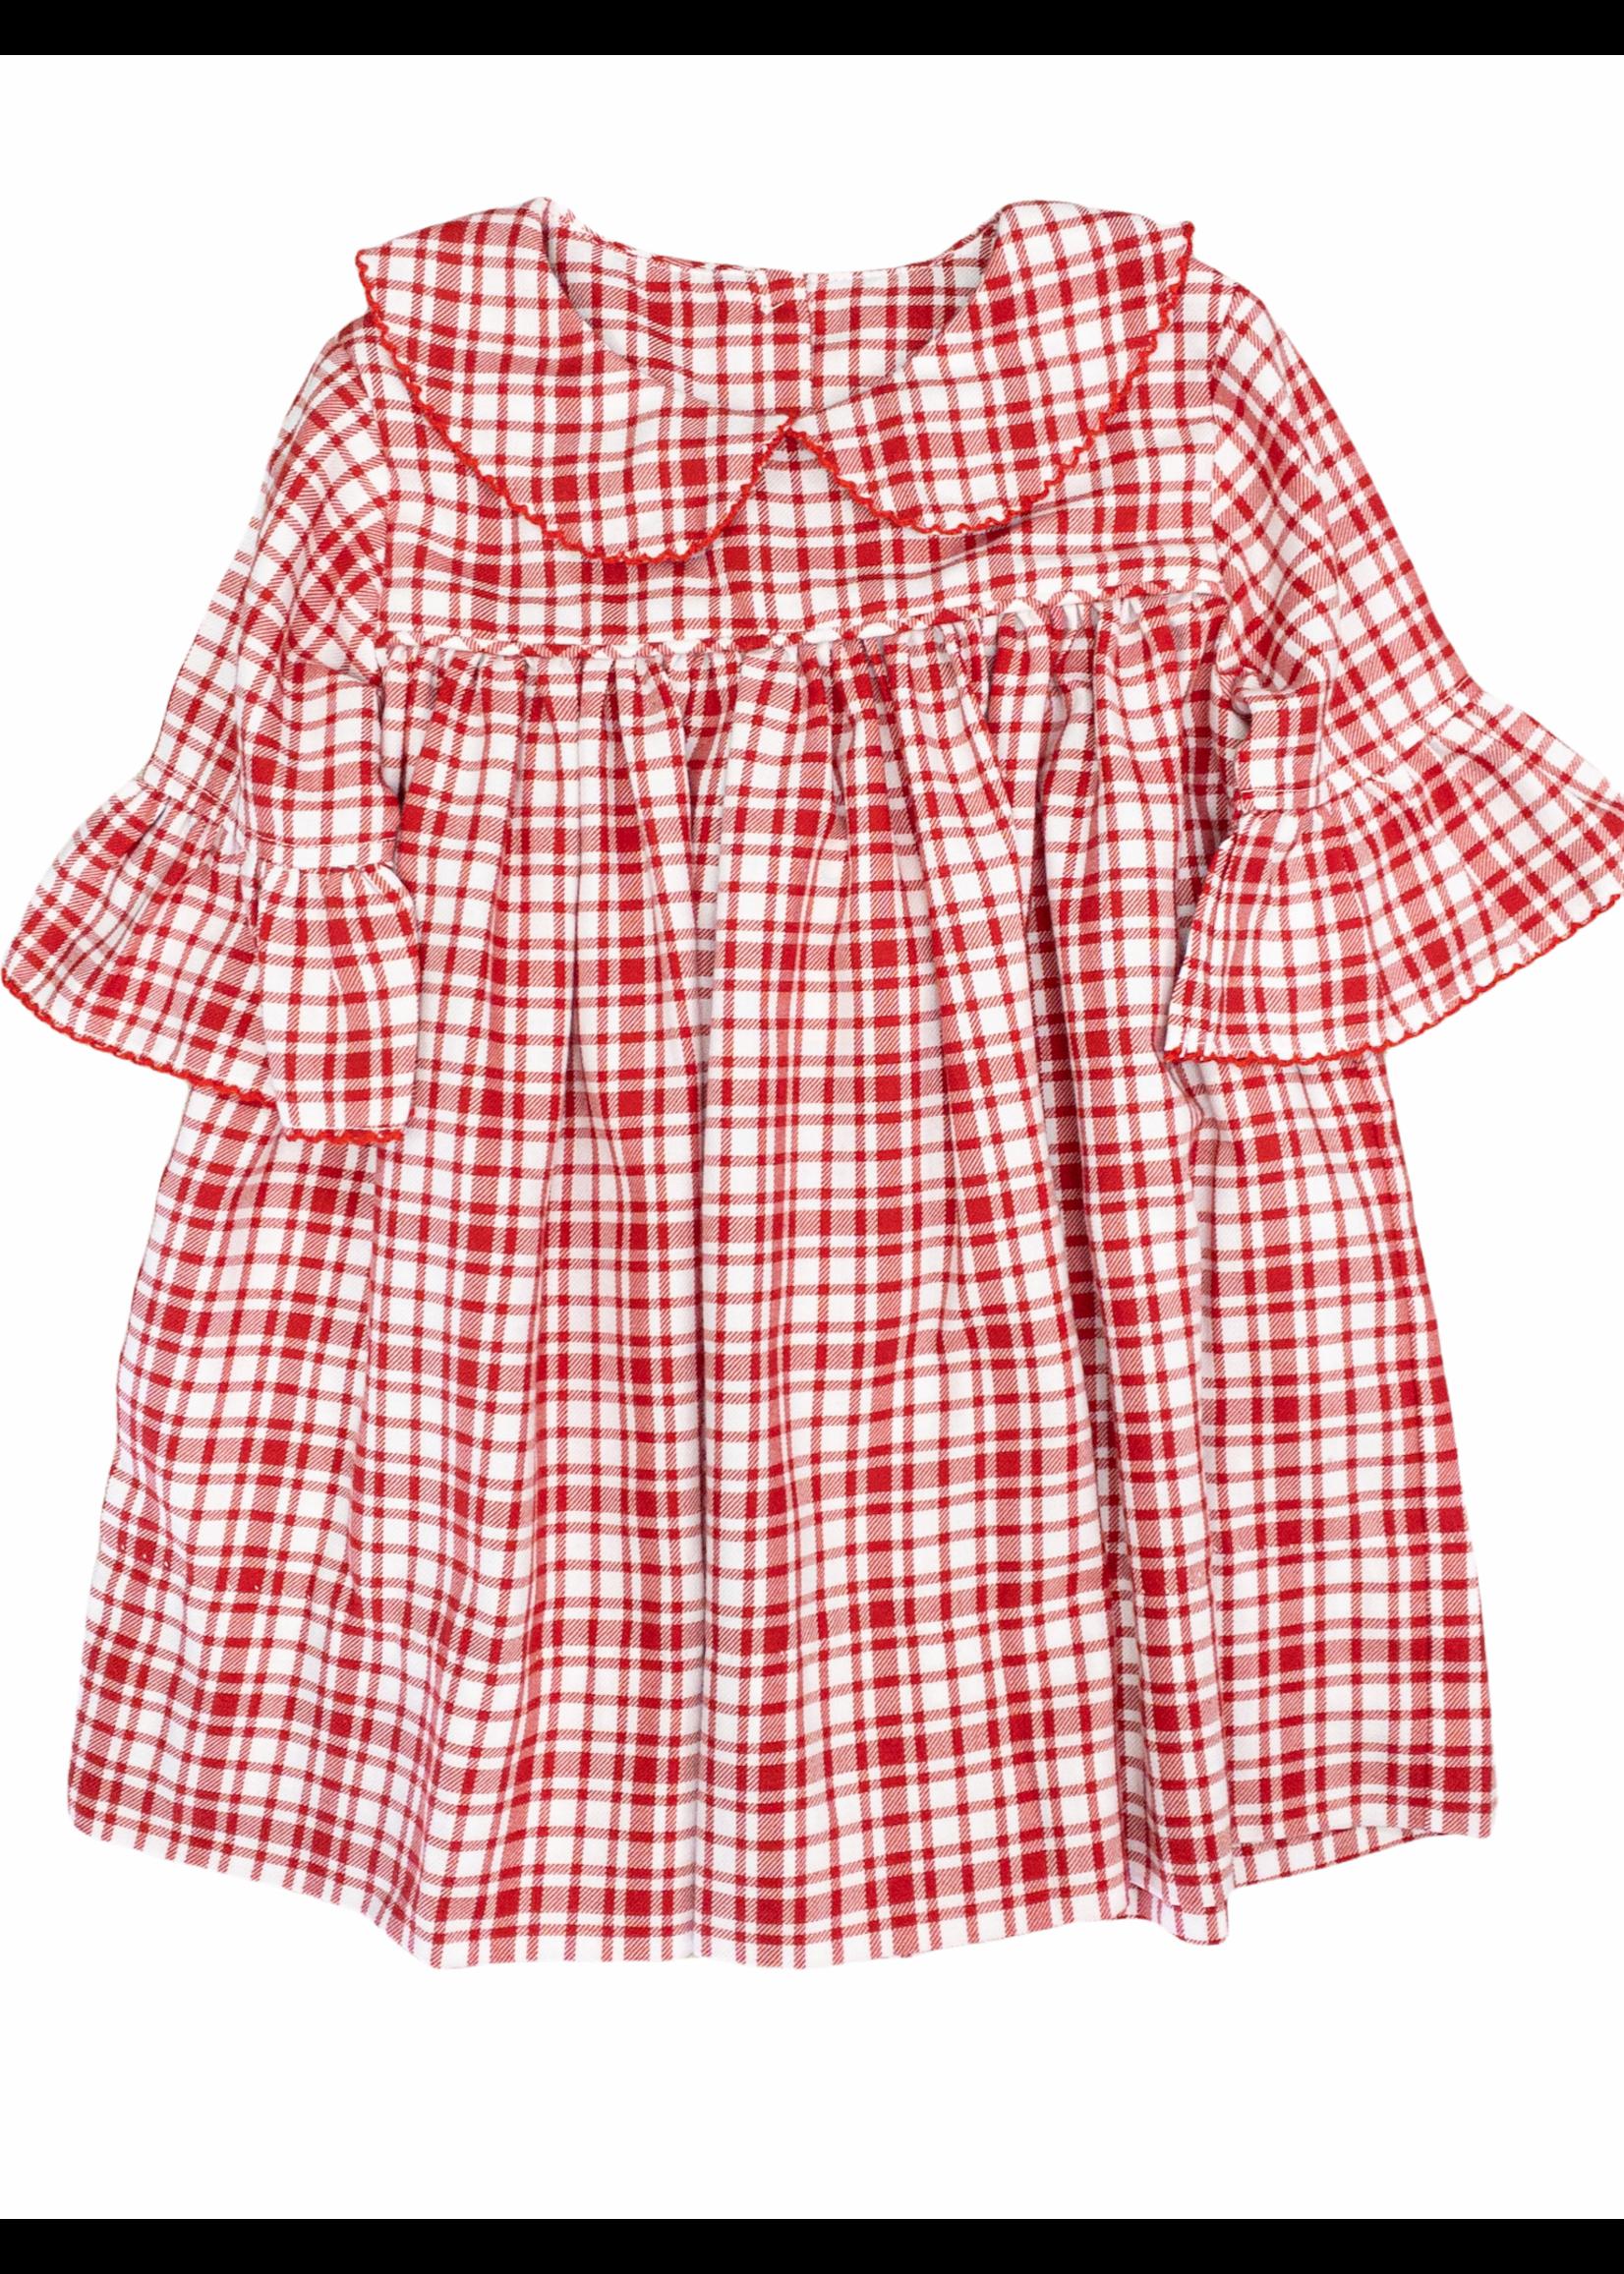 Delaney Girls Red Plaid Peter Pan Dress